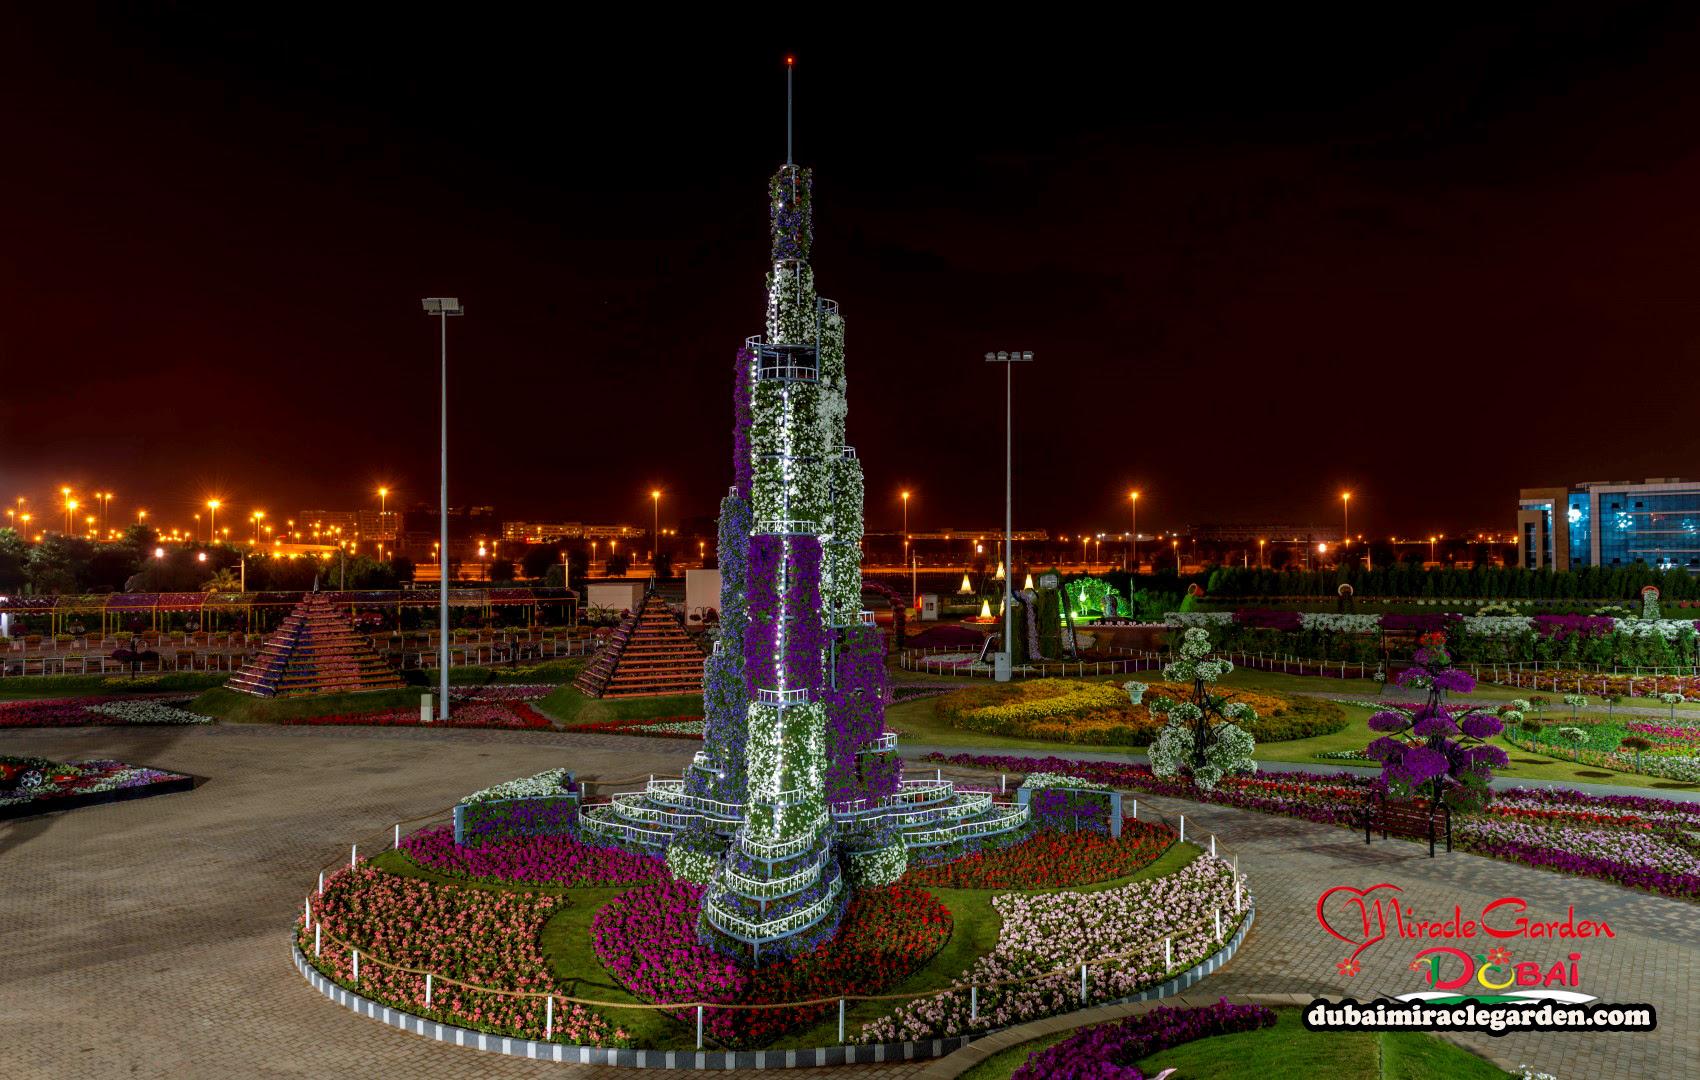 Dubai Miracle Garden 09